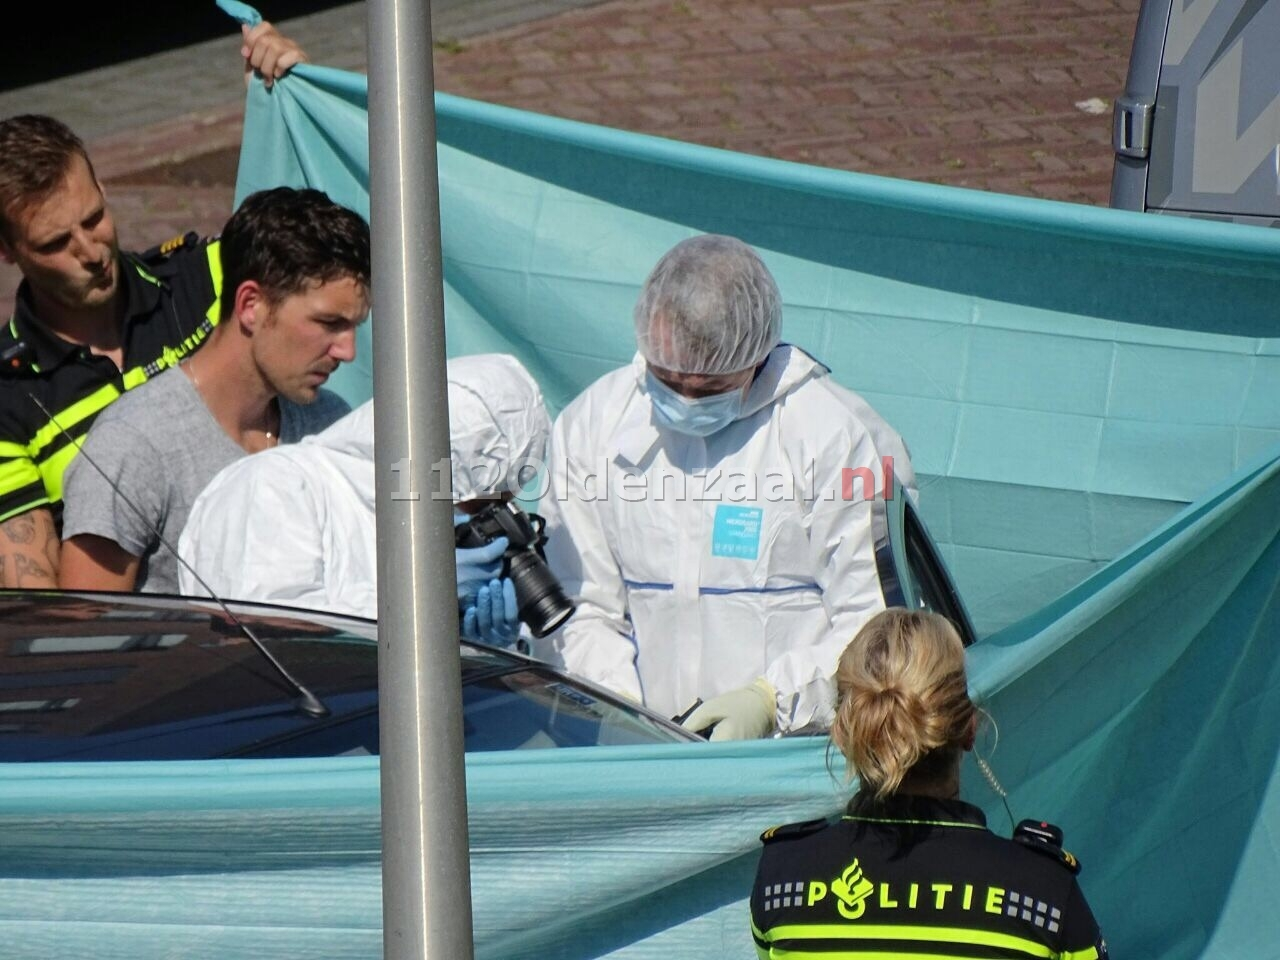 Update: Dode man in auto Enschede niet omgekomen door misdrijf